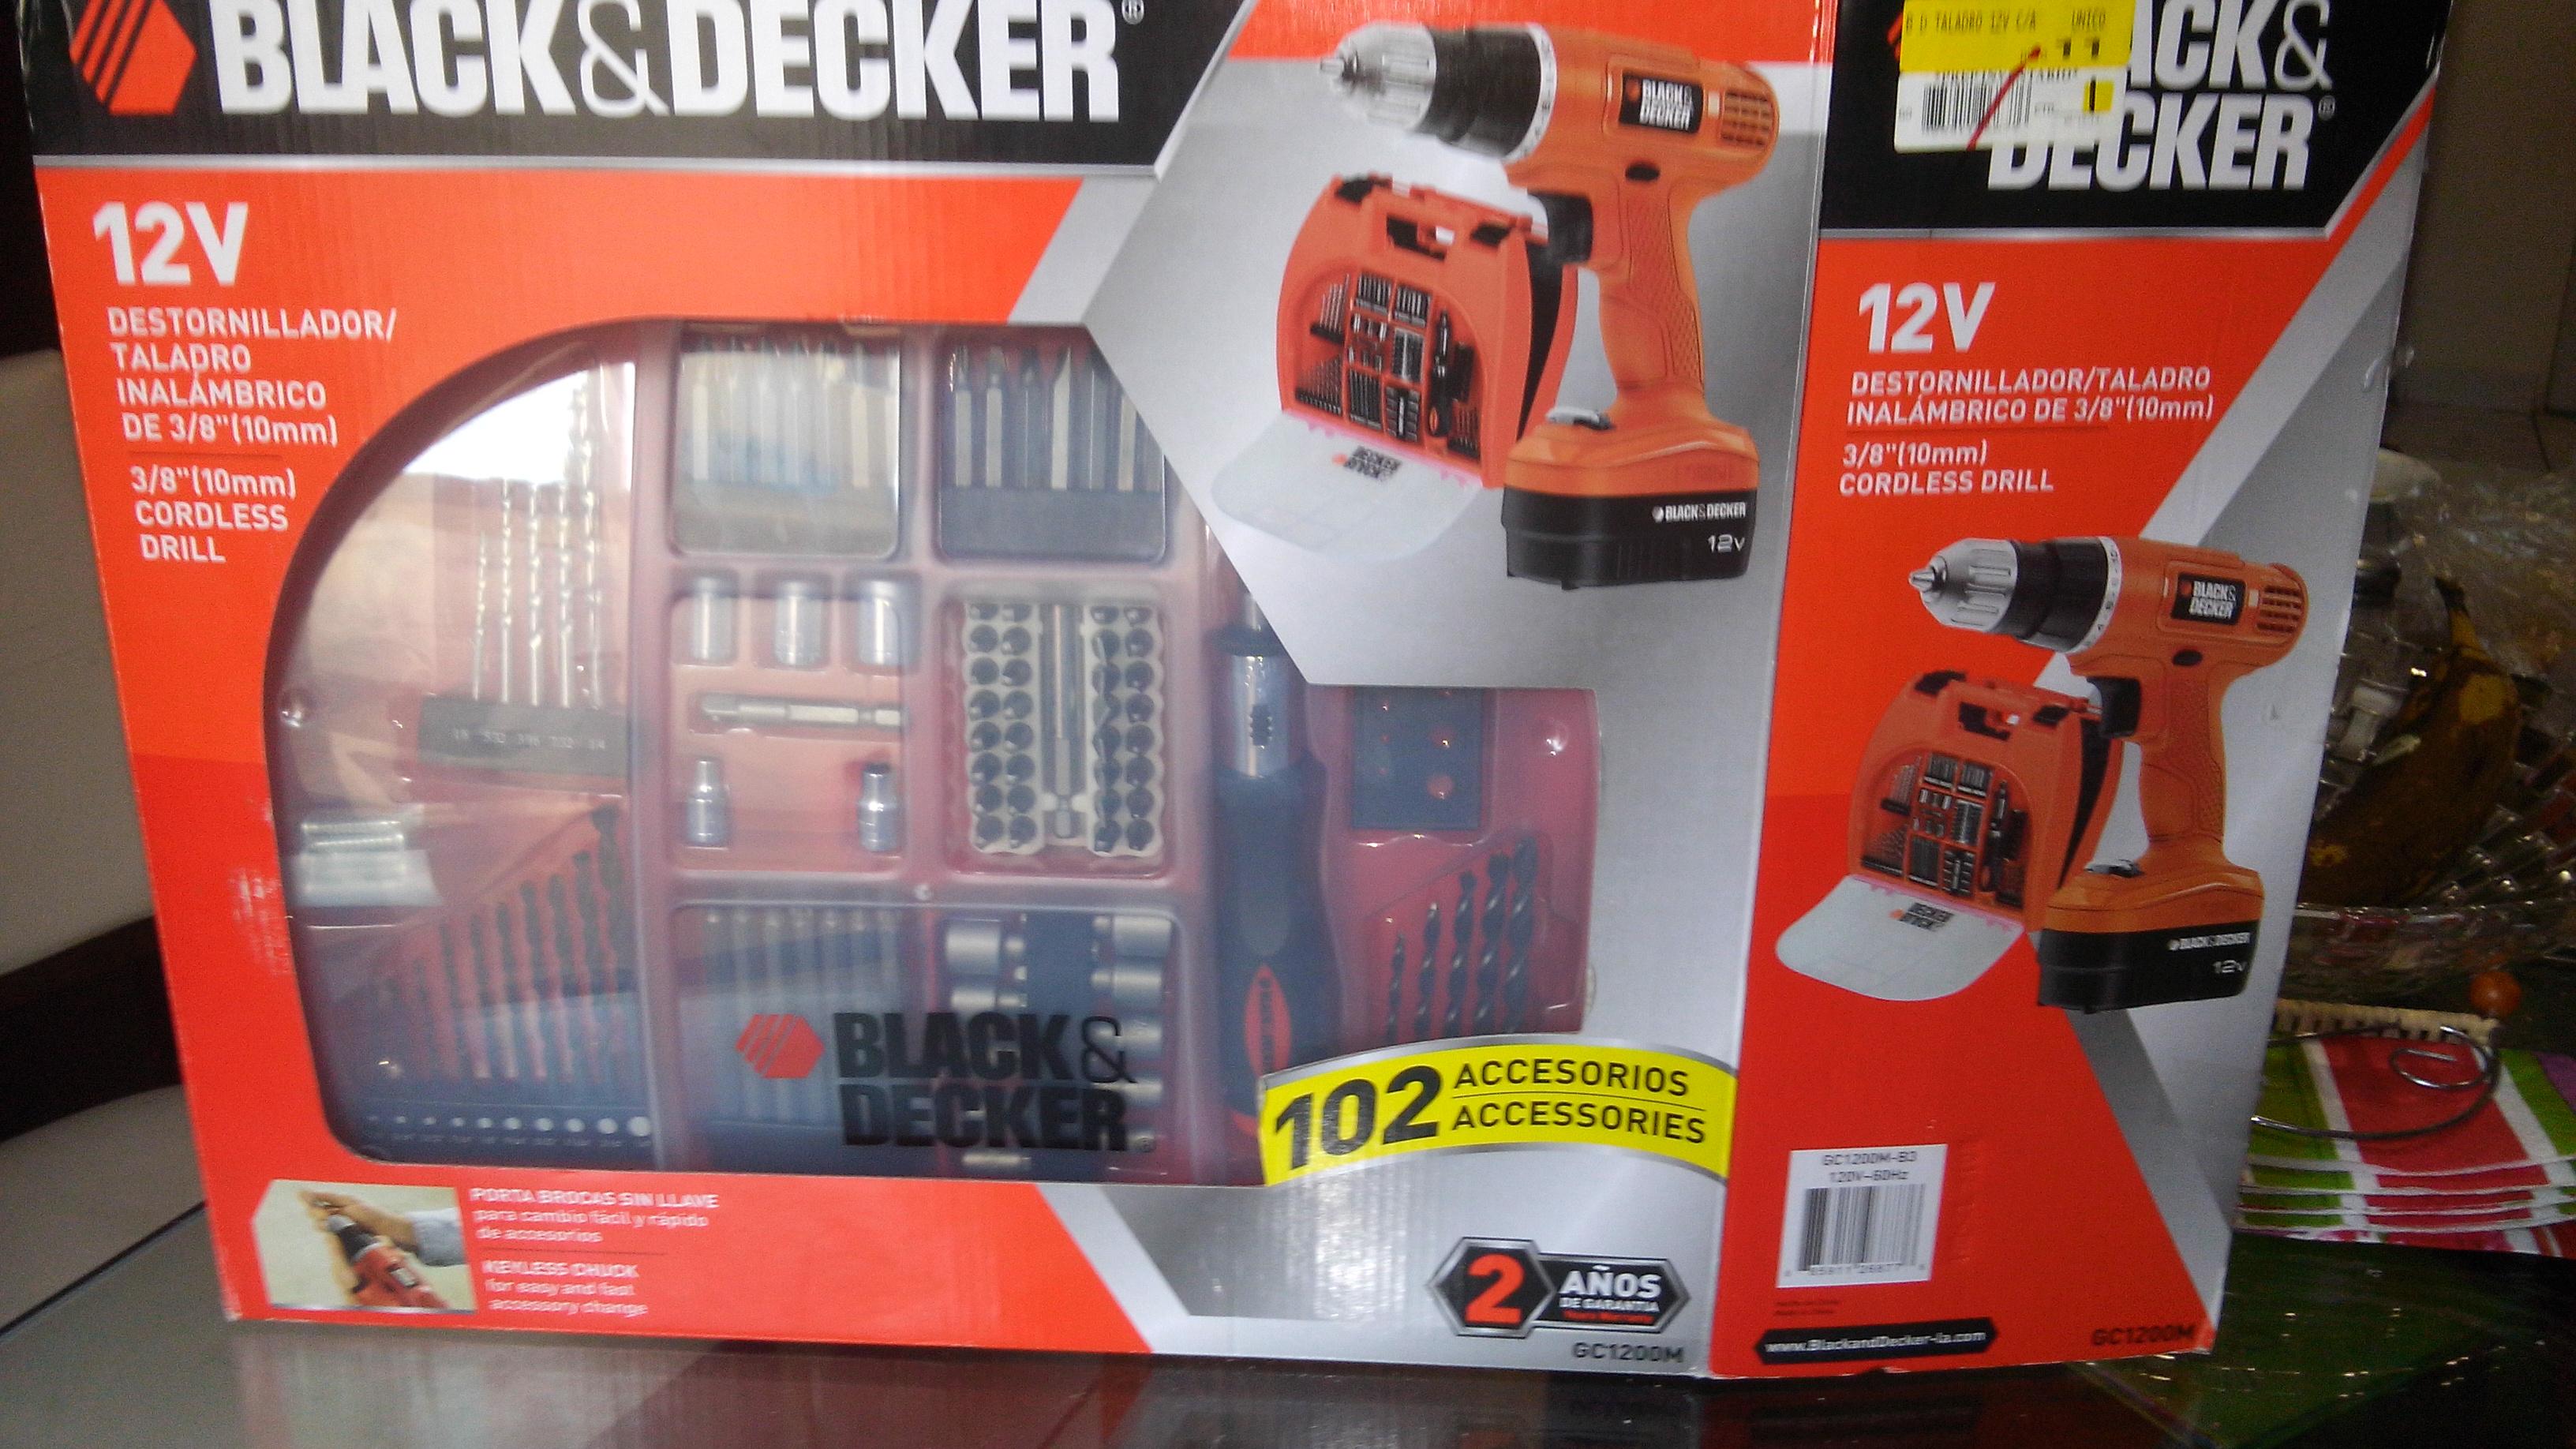 Walmart: Taladro / Destornillador Black & Decker $90.01